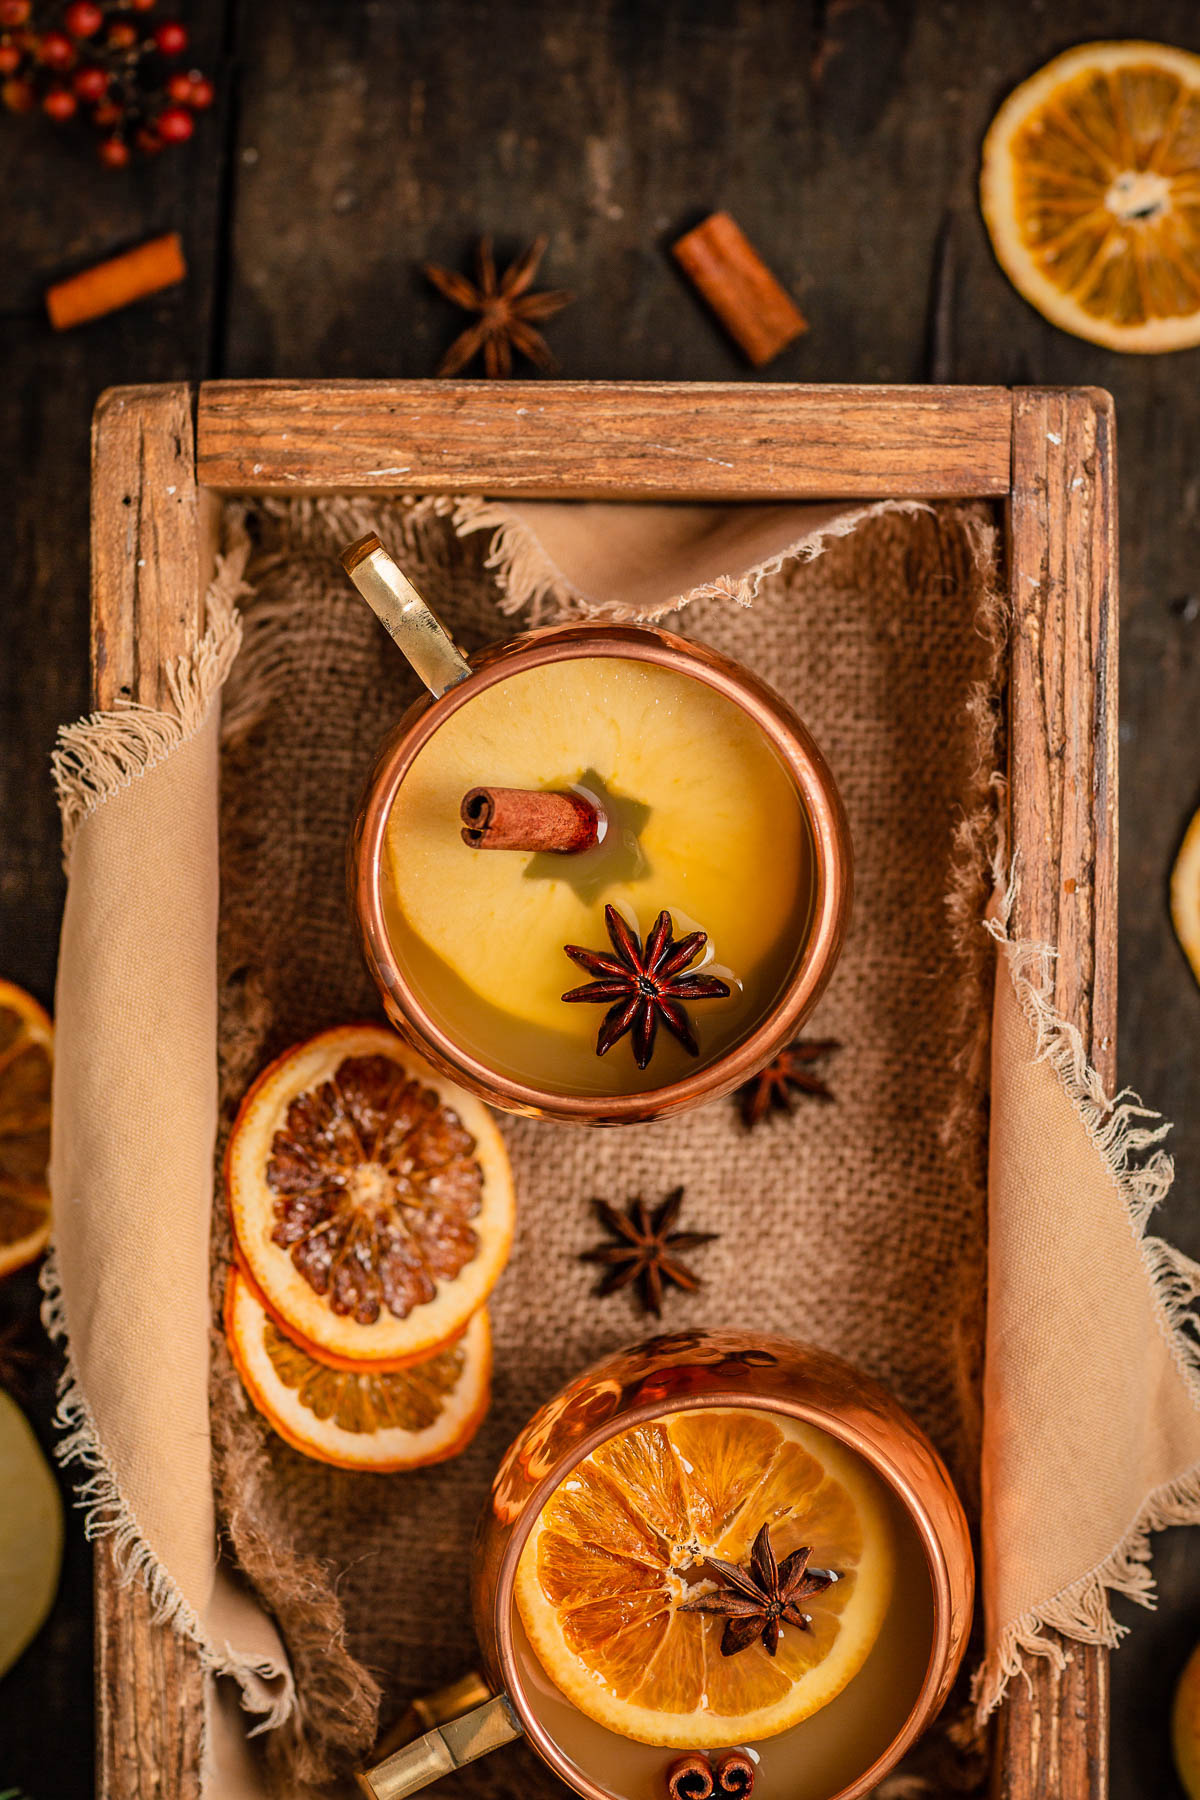 ricetta brulè di mele fatto in casa analcolico senza zucchero Mercatini di Natale Christmas sugar free APPLE MULLED WINE recipe Apfelglühwein #vegan